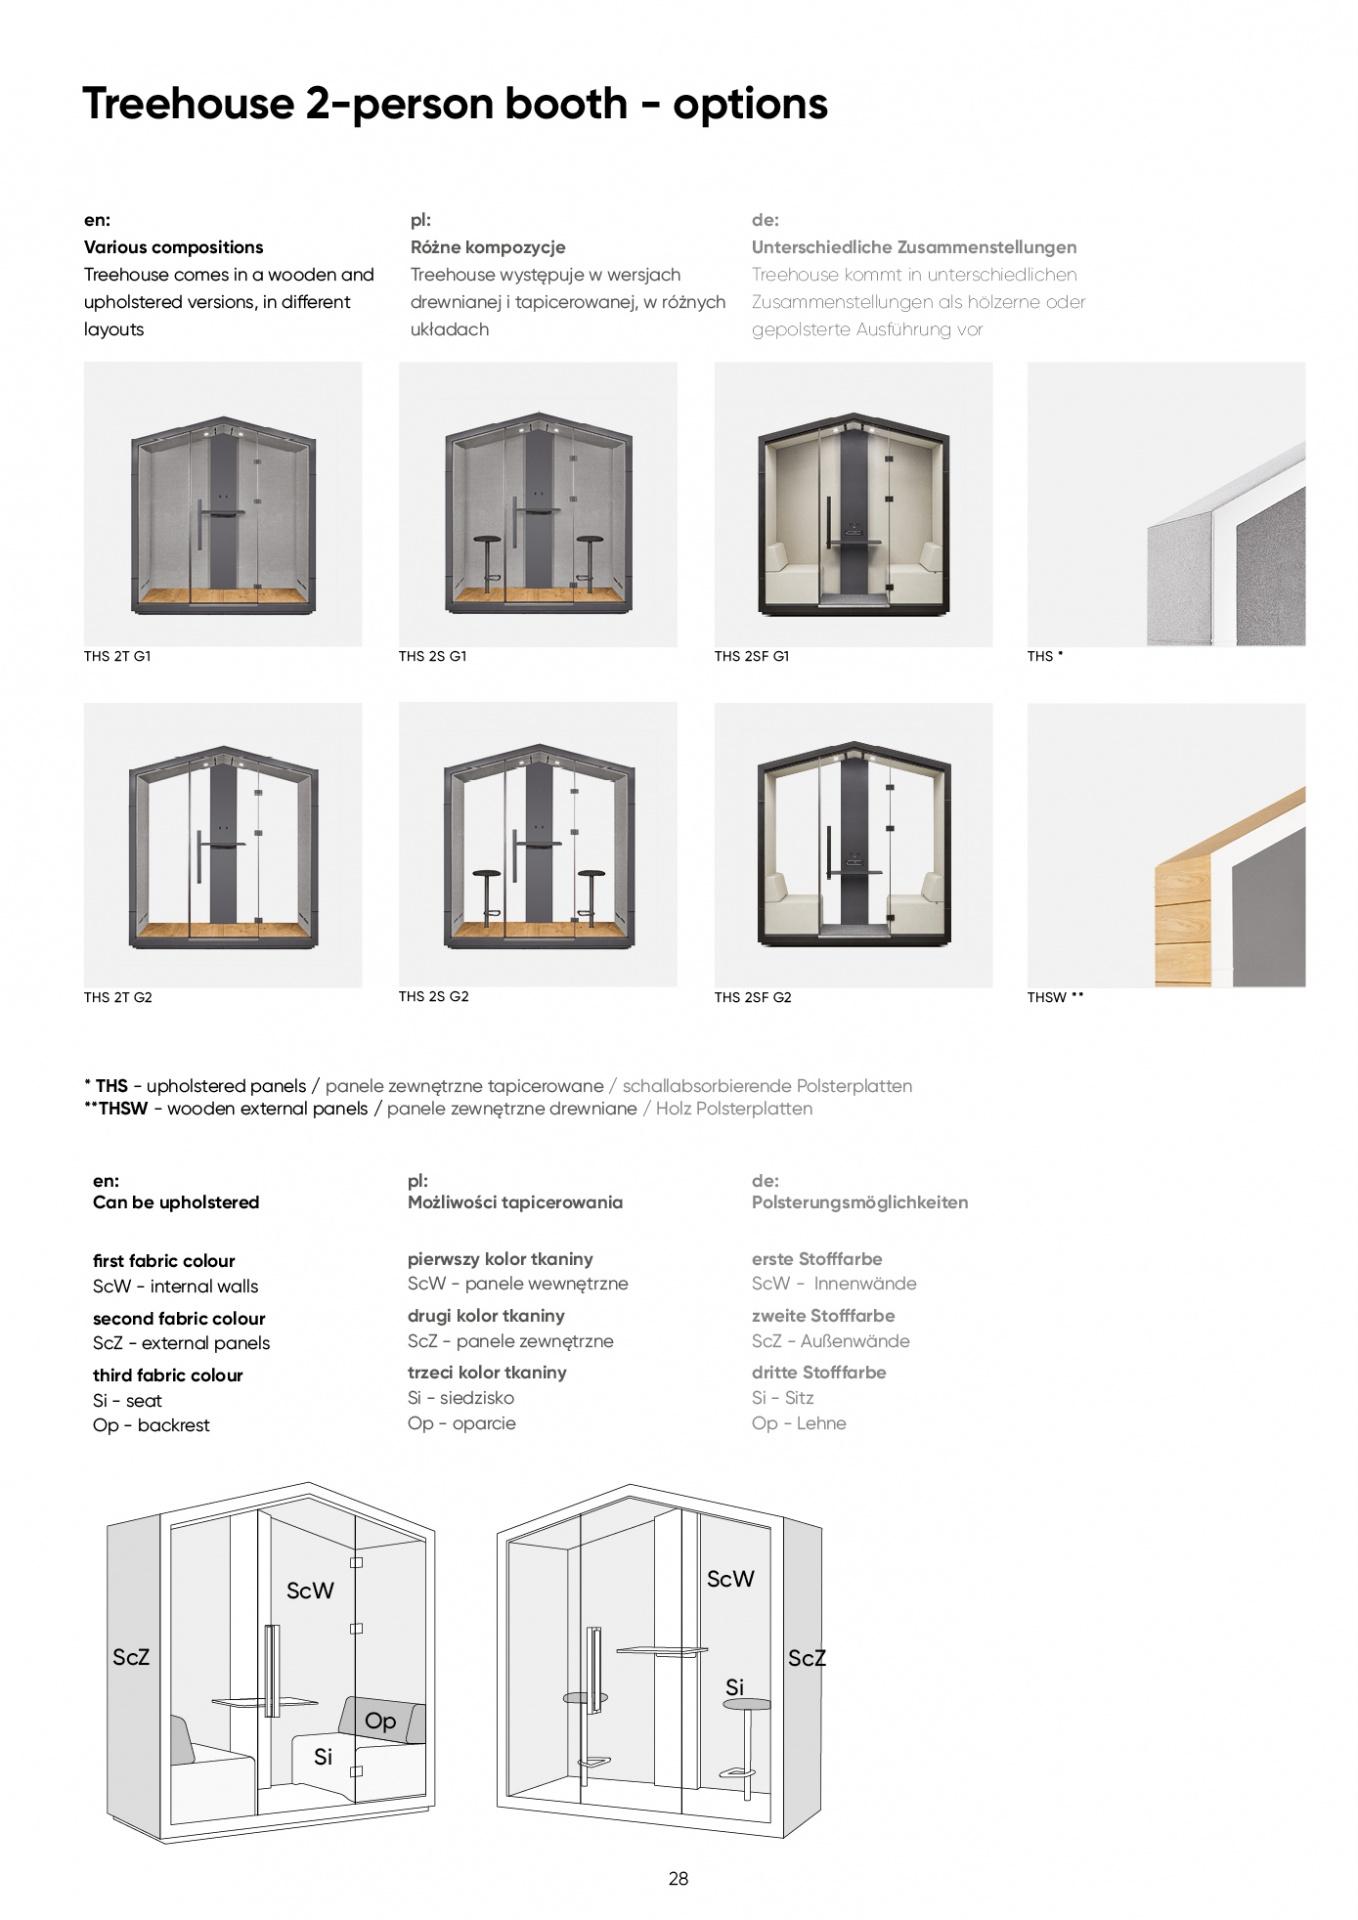 treehouse-catalogue-28.jpg